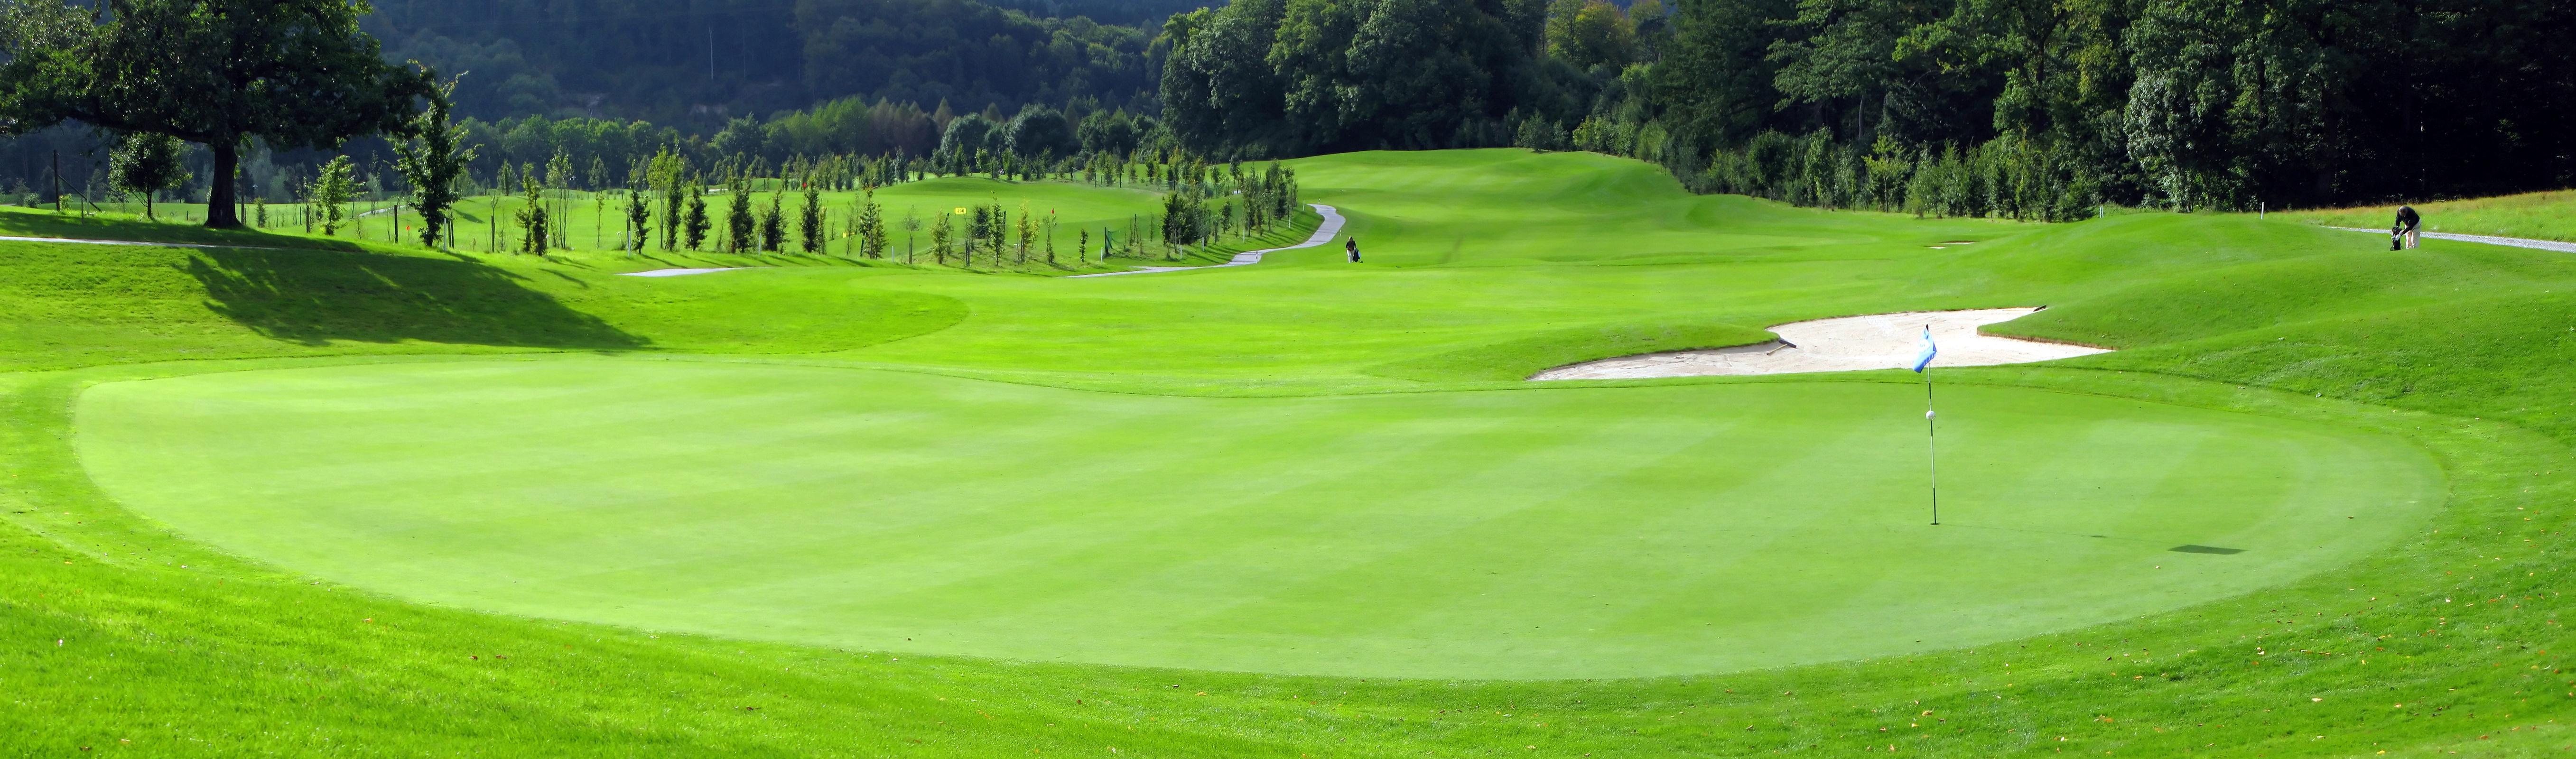 Lancaster County Junior Golf Tour, Kalamazoo Junior golf, SOPGA, Golfweek, HJGT, CJGA, jrPGA